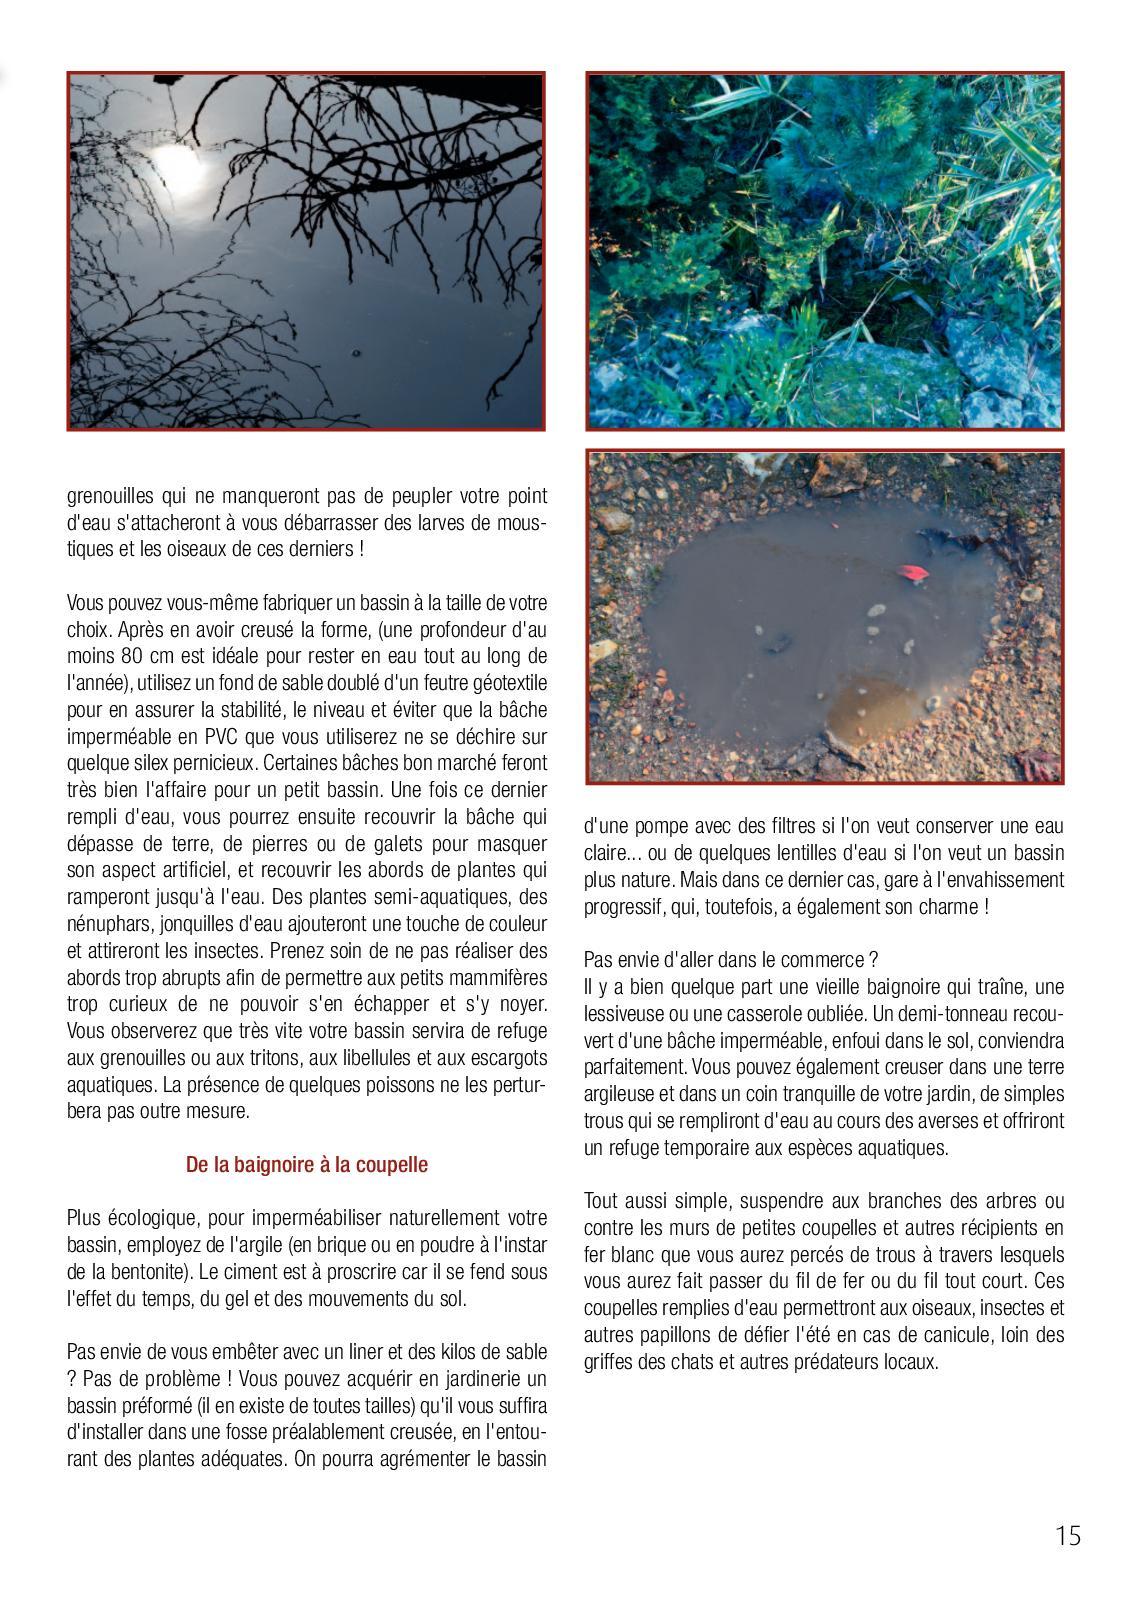 Jardin Des Plantes orleans Beau Plaine Vue Mag N32 Calameo Downloader Of 67 Best Of Jardin Des Plantes orleans